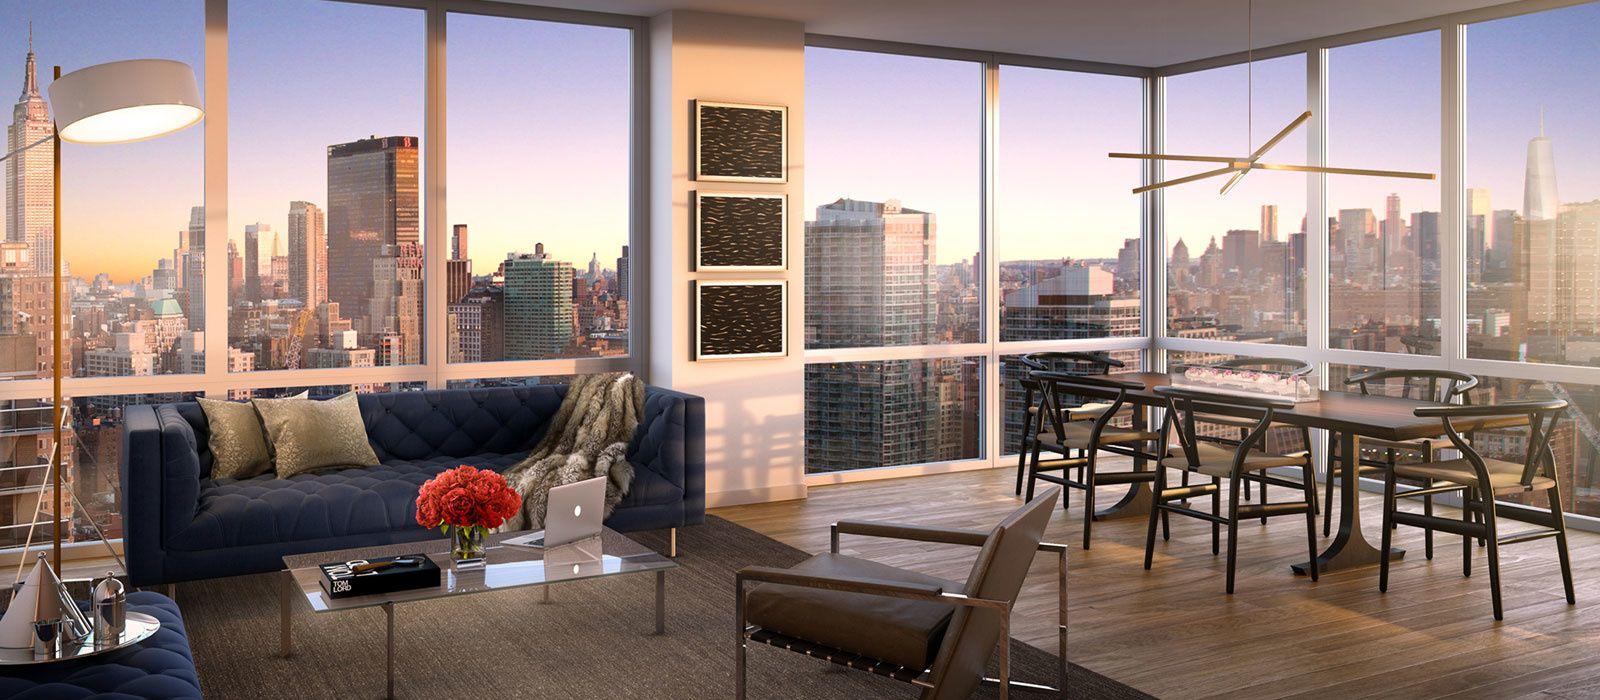 Luxury Rentals Luxury Studio Apartments Nyc Apartment Luxury Apartments For Sale